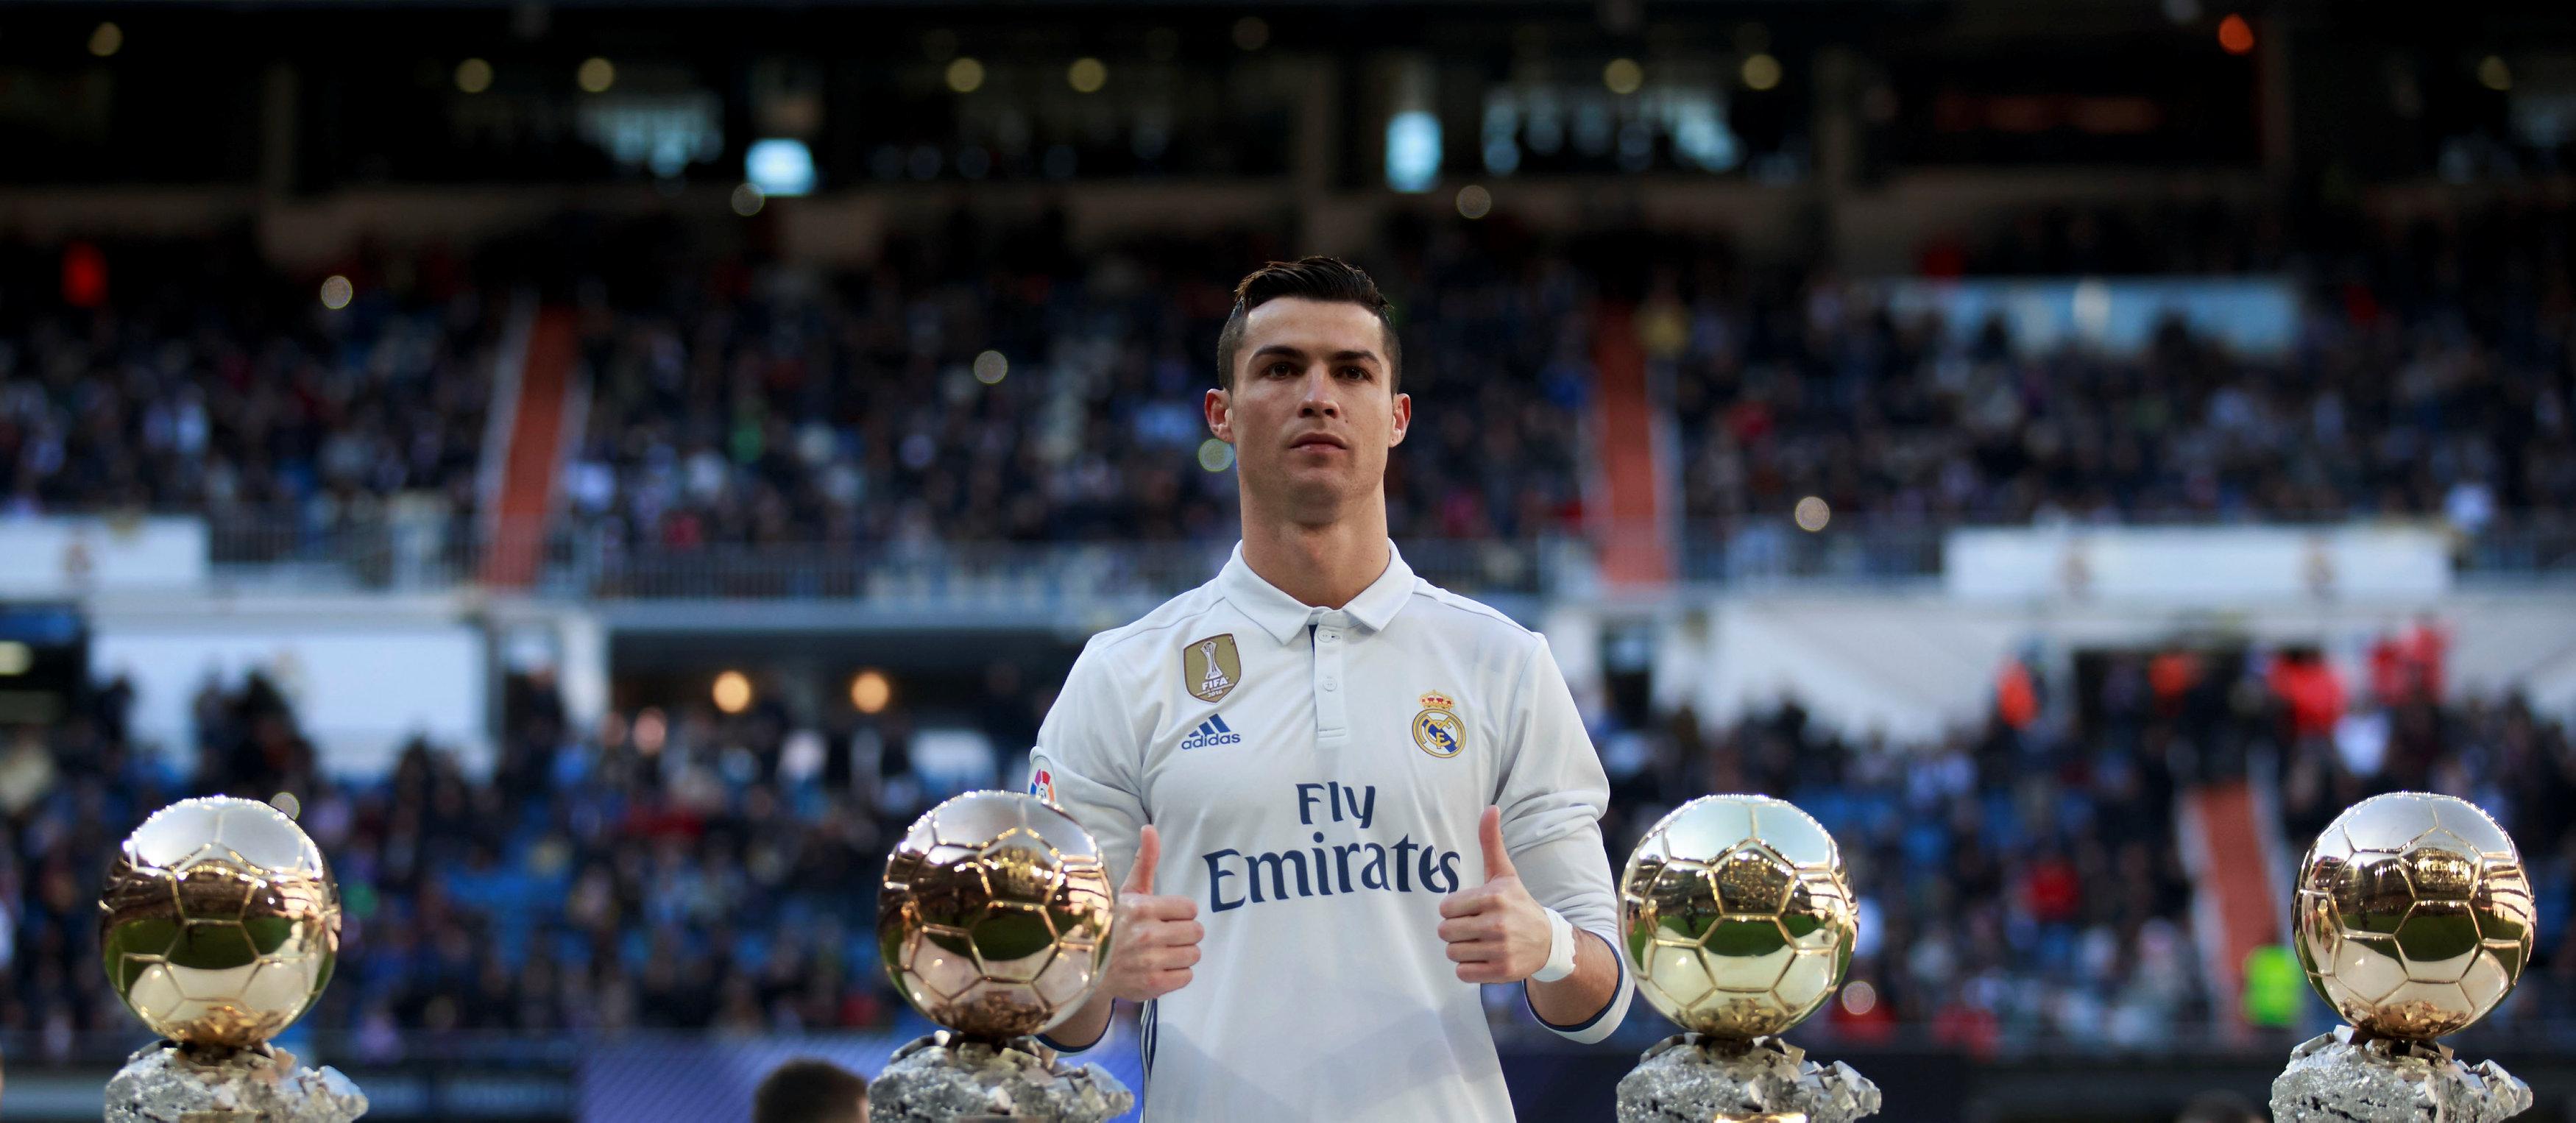 El primer futbolista The Best de la FIFA será Cristiano Ronaldo